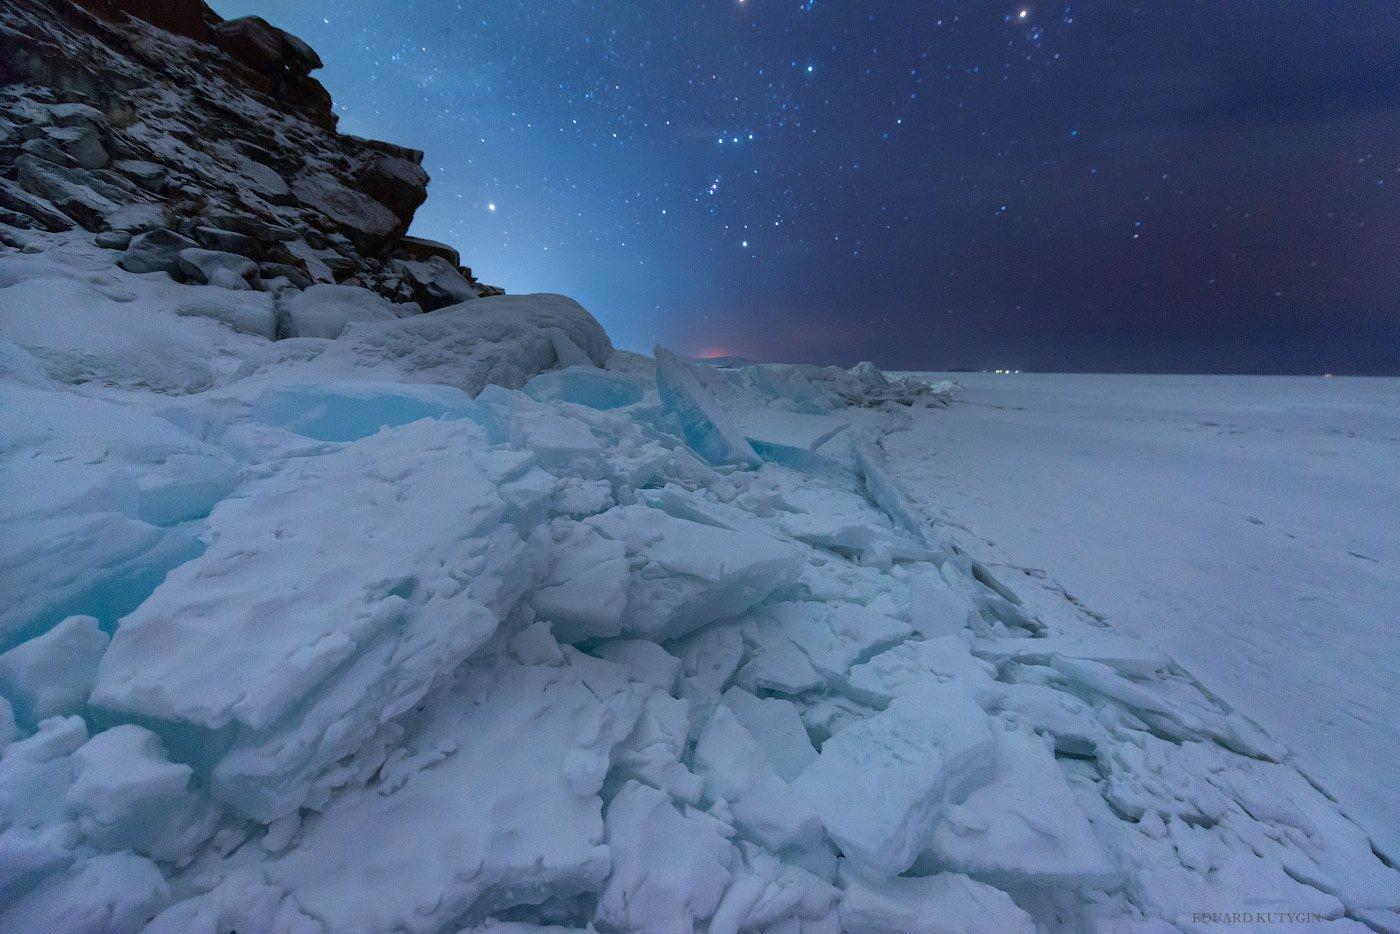 #бурхан #шаманка #байкал #хужир #лёд #лед #трещина #байкальский_хребет #звёзды #ночь, Кутыгин Эдуард